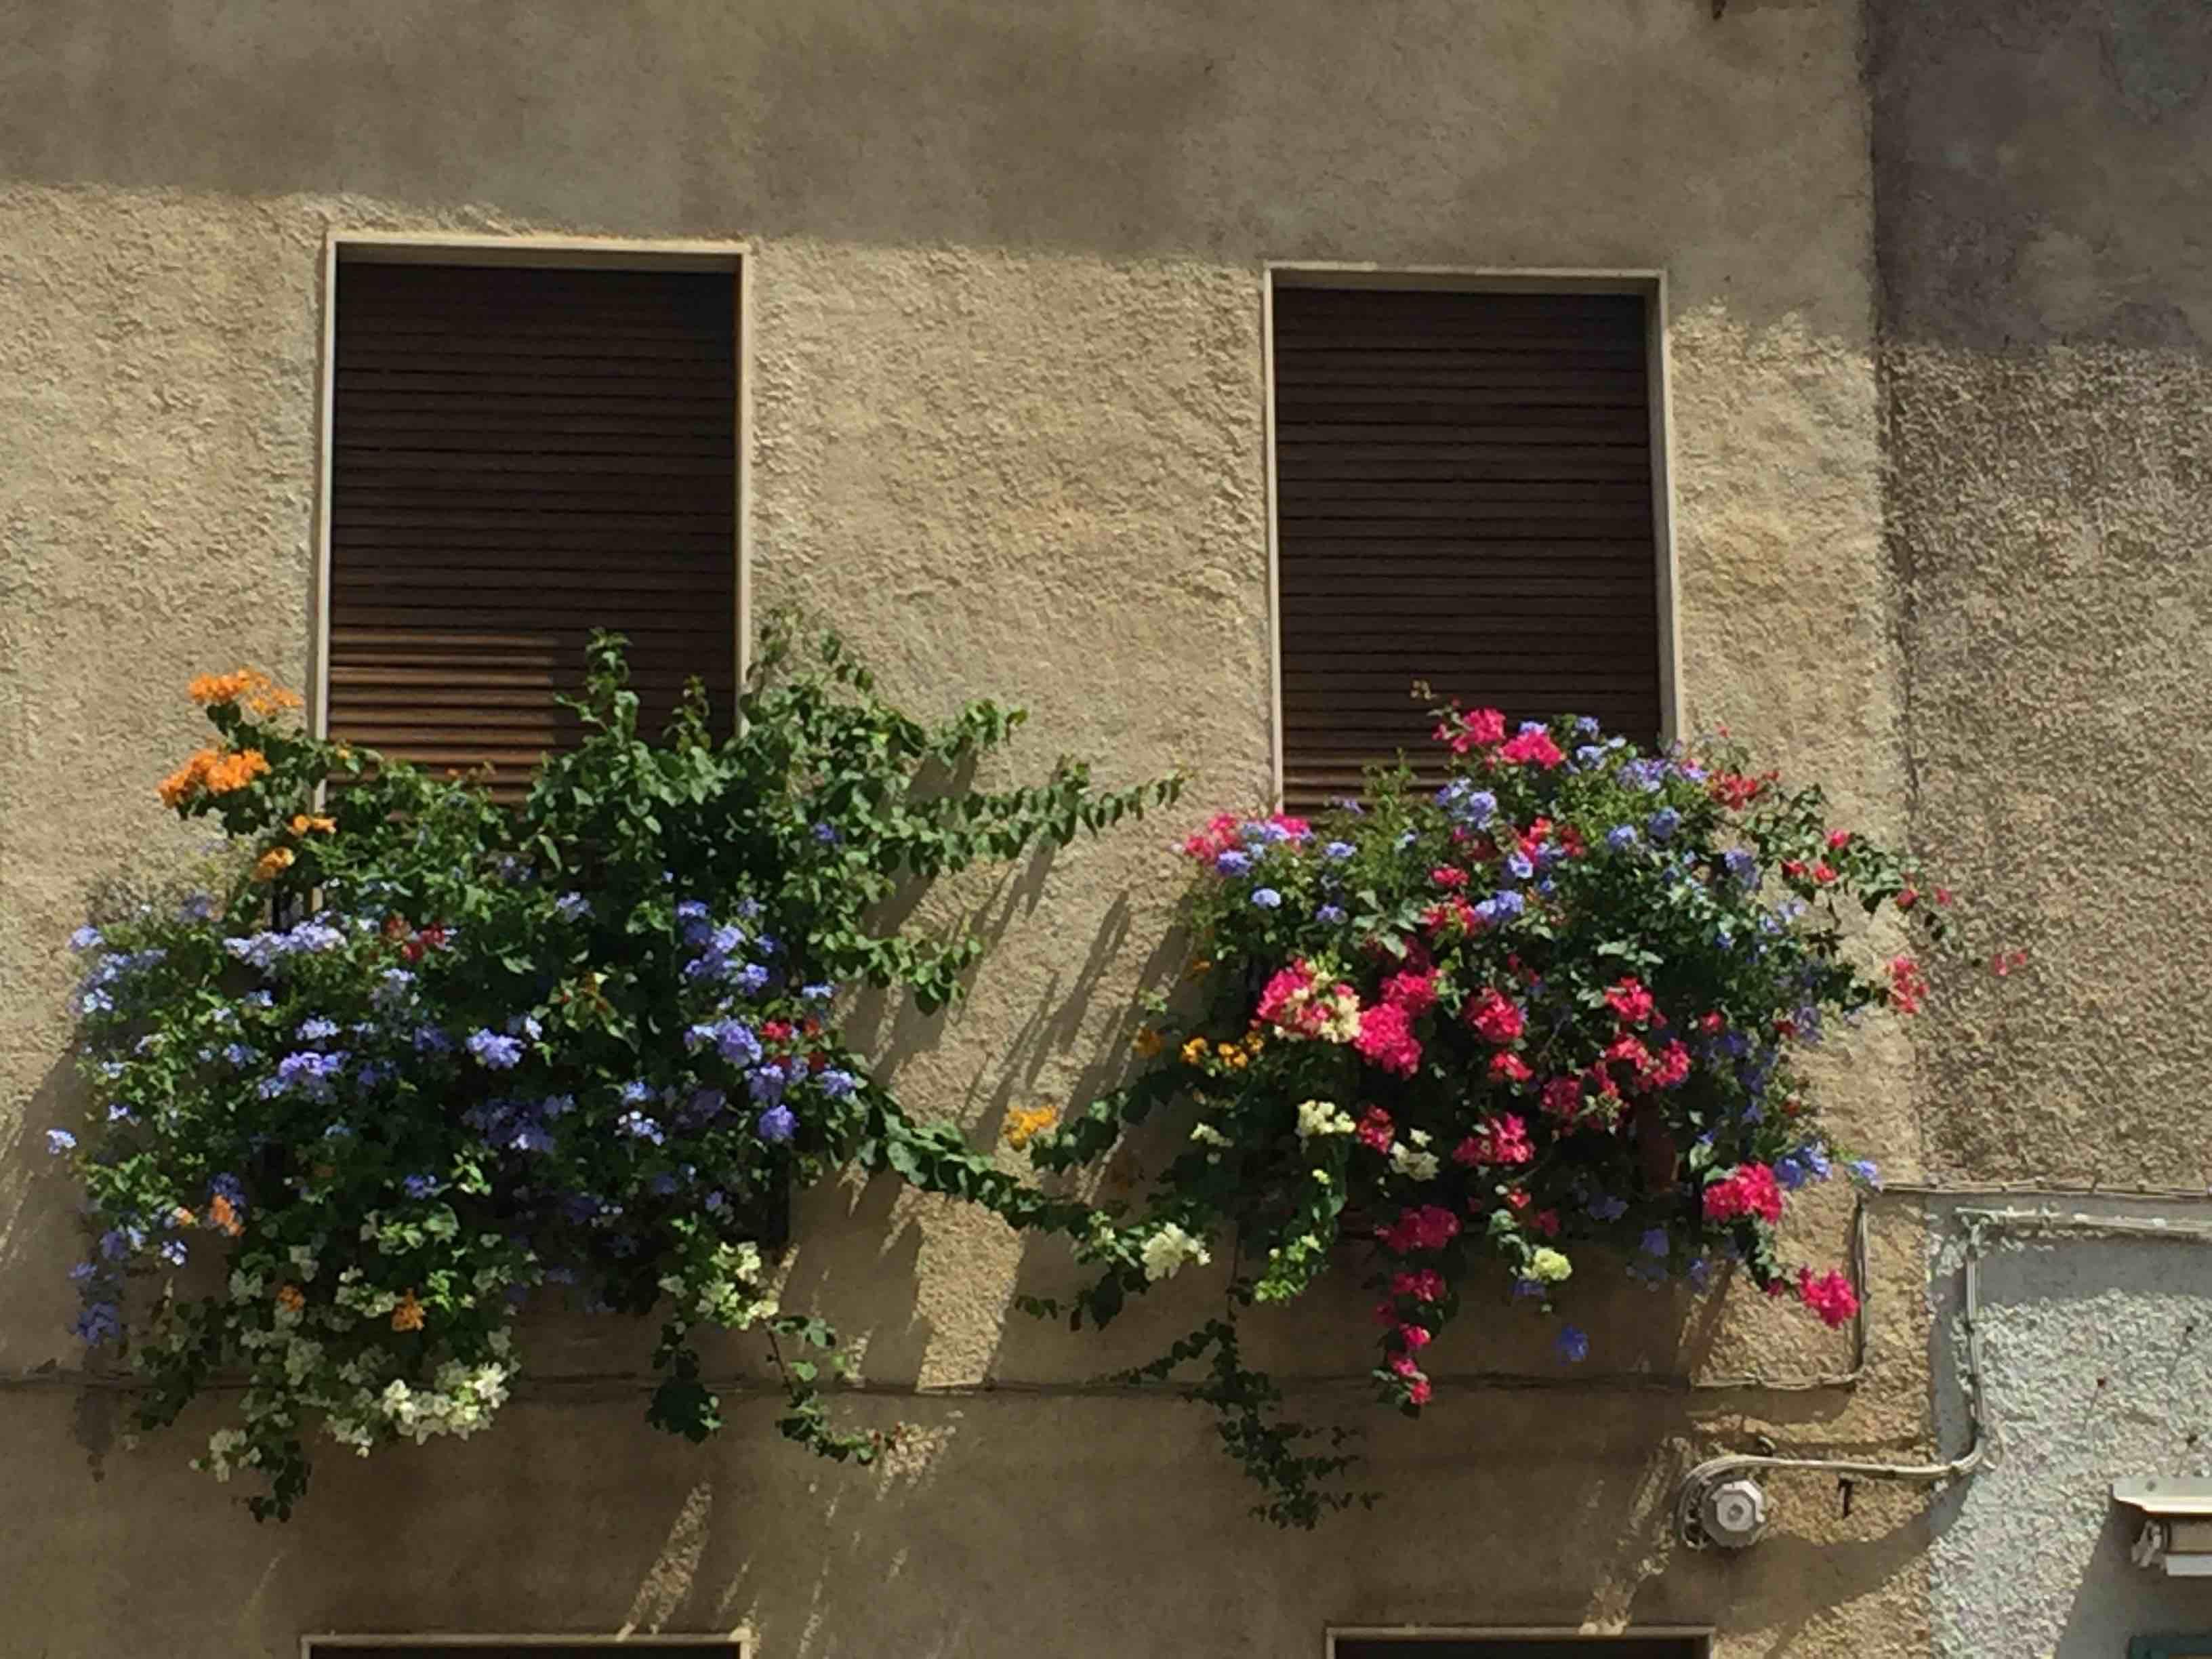 Villasimius - flowers